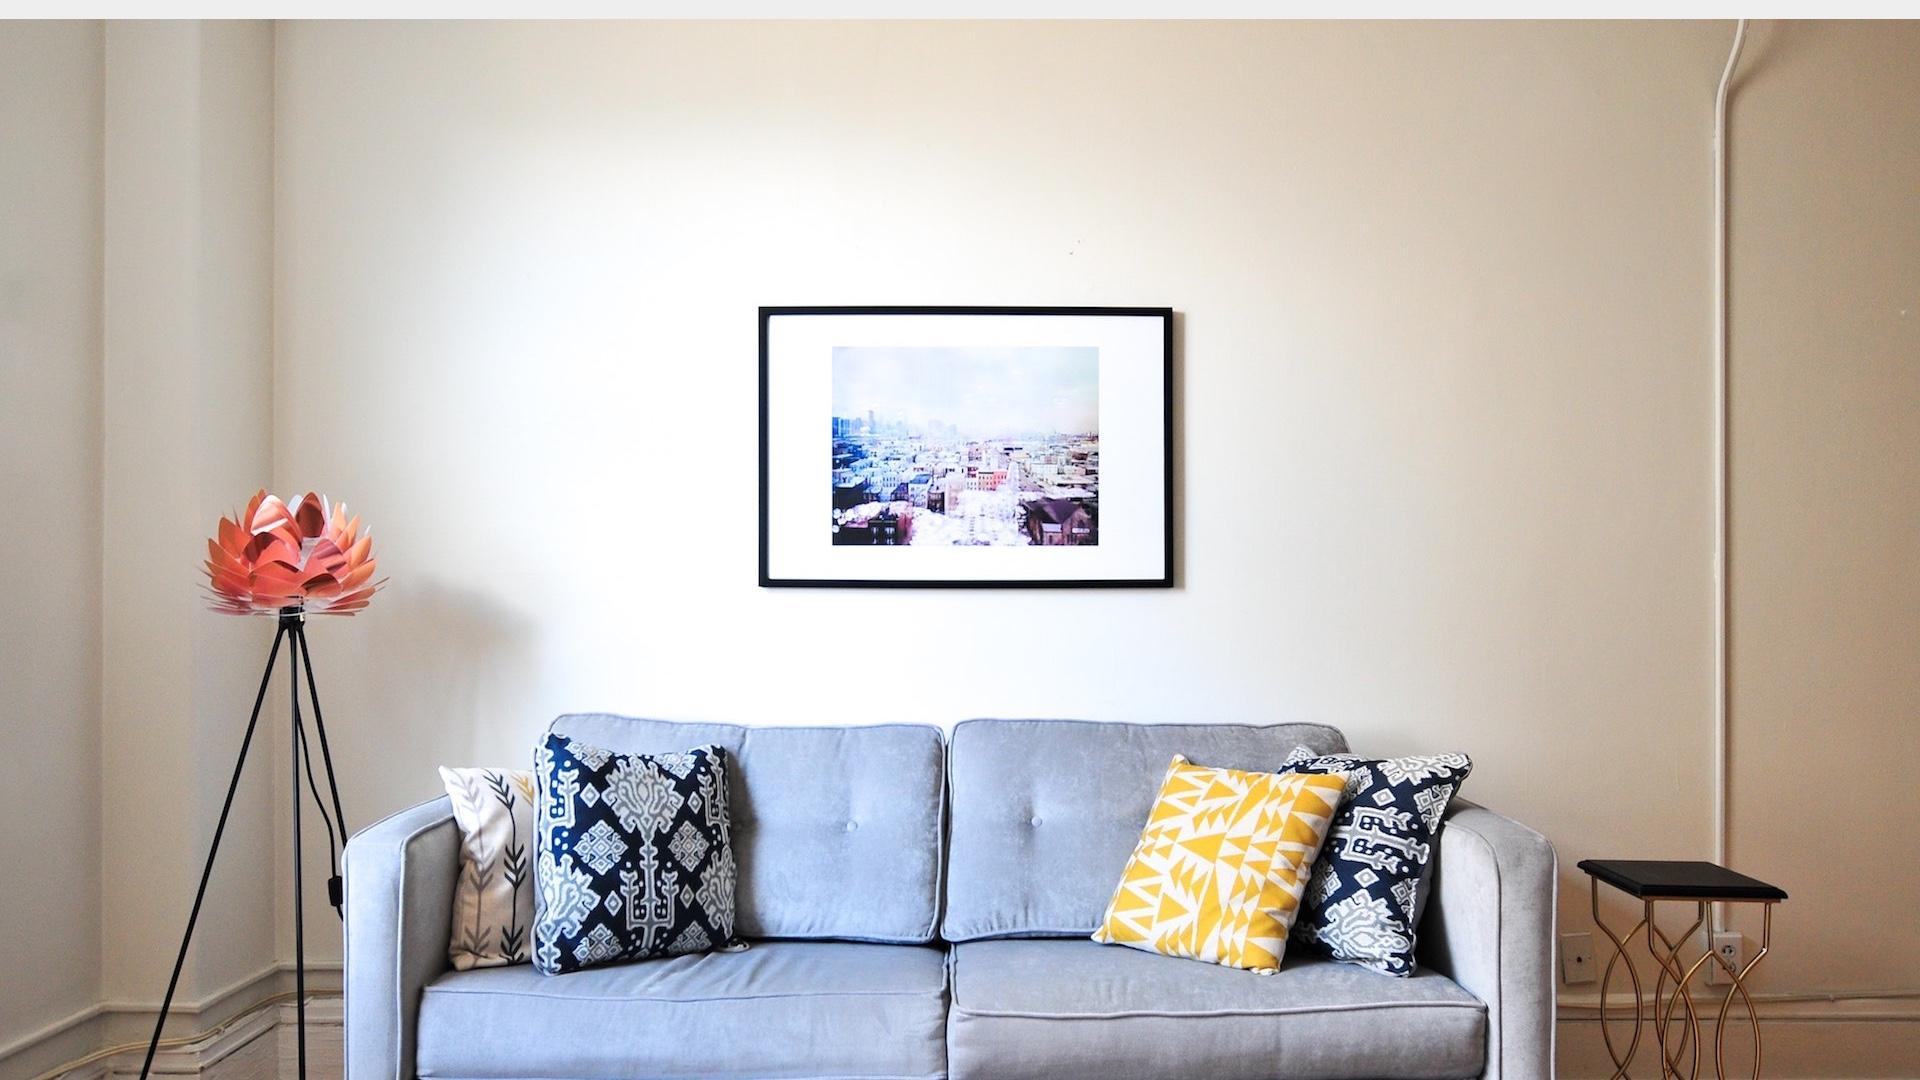 グレーのソファーとアートのある部屋の無料バーチャル背景素材